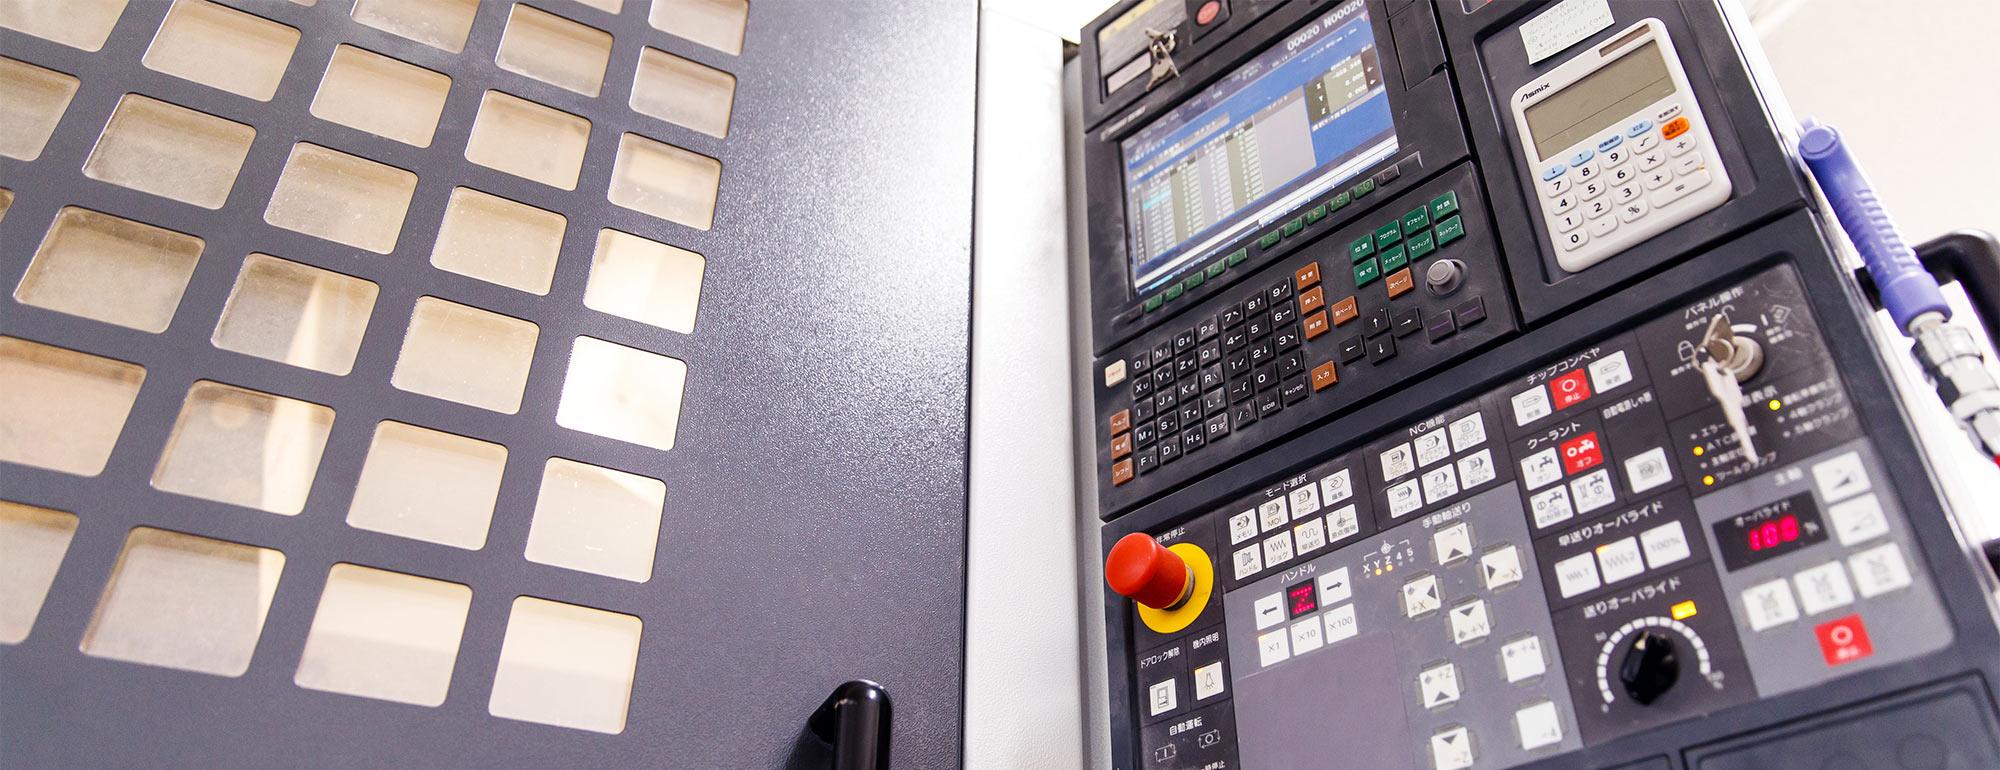 マシニングセンタによる各種治具の切削、加工